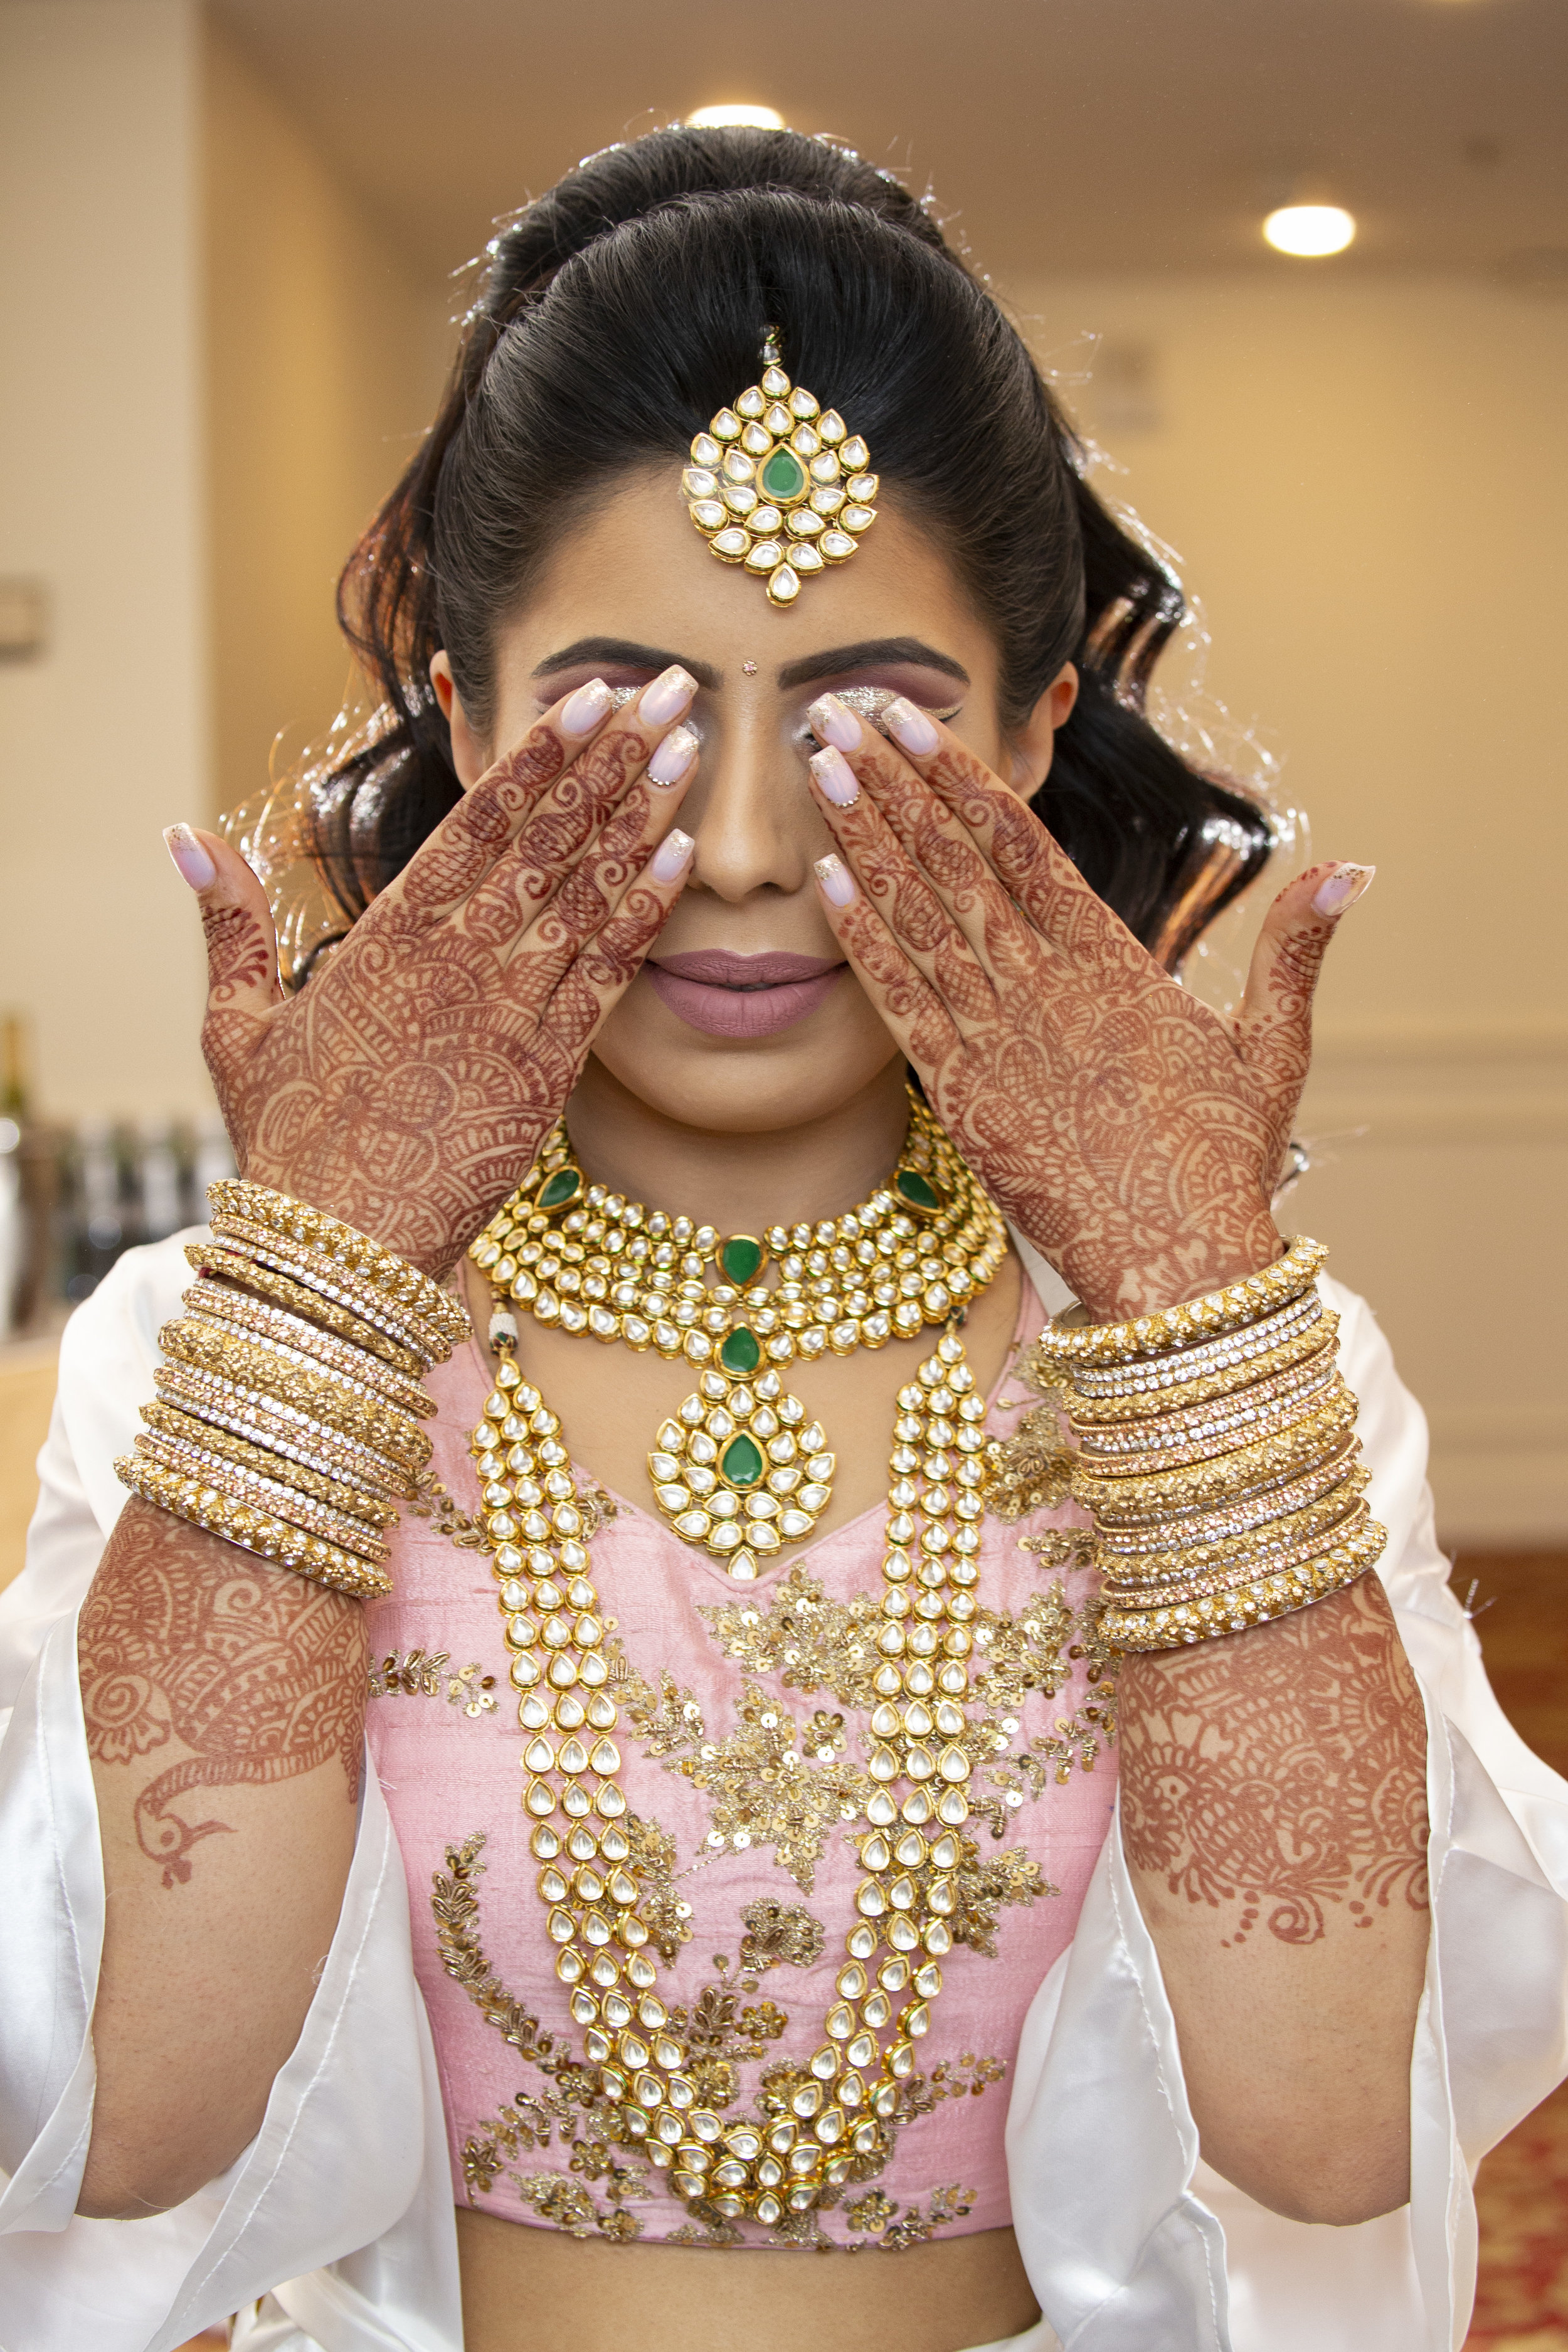 INDIAN WEDDING BRIDE GETTING READY.JPG